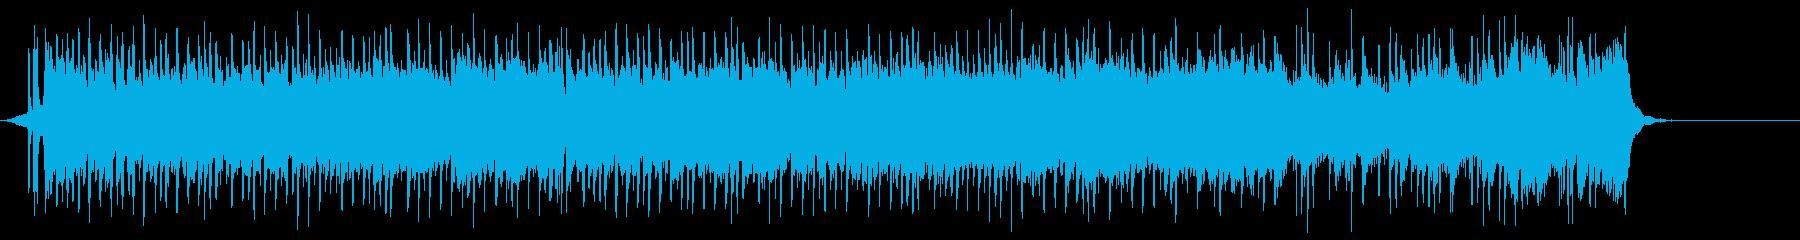 フレキシブルなギター・ロックの再生済みの波形